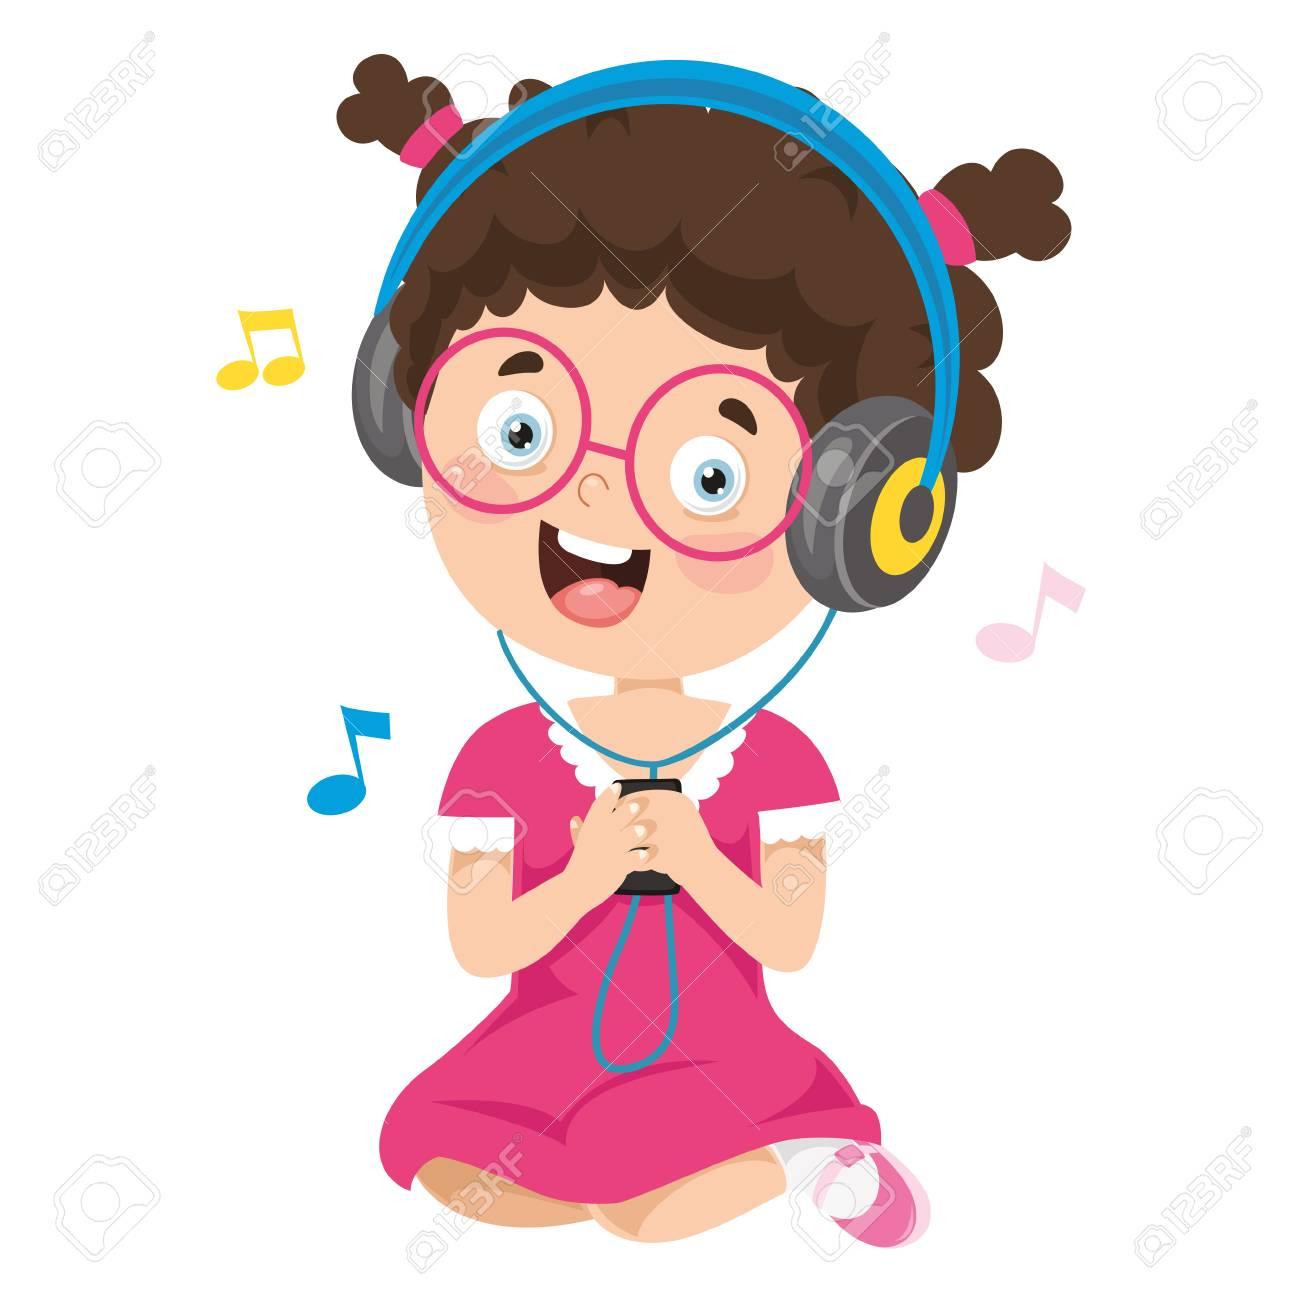 Vector Illustration Of Kid Listening Music - 114294823